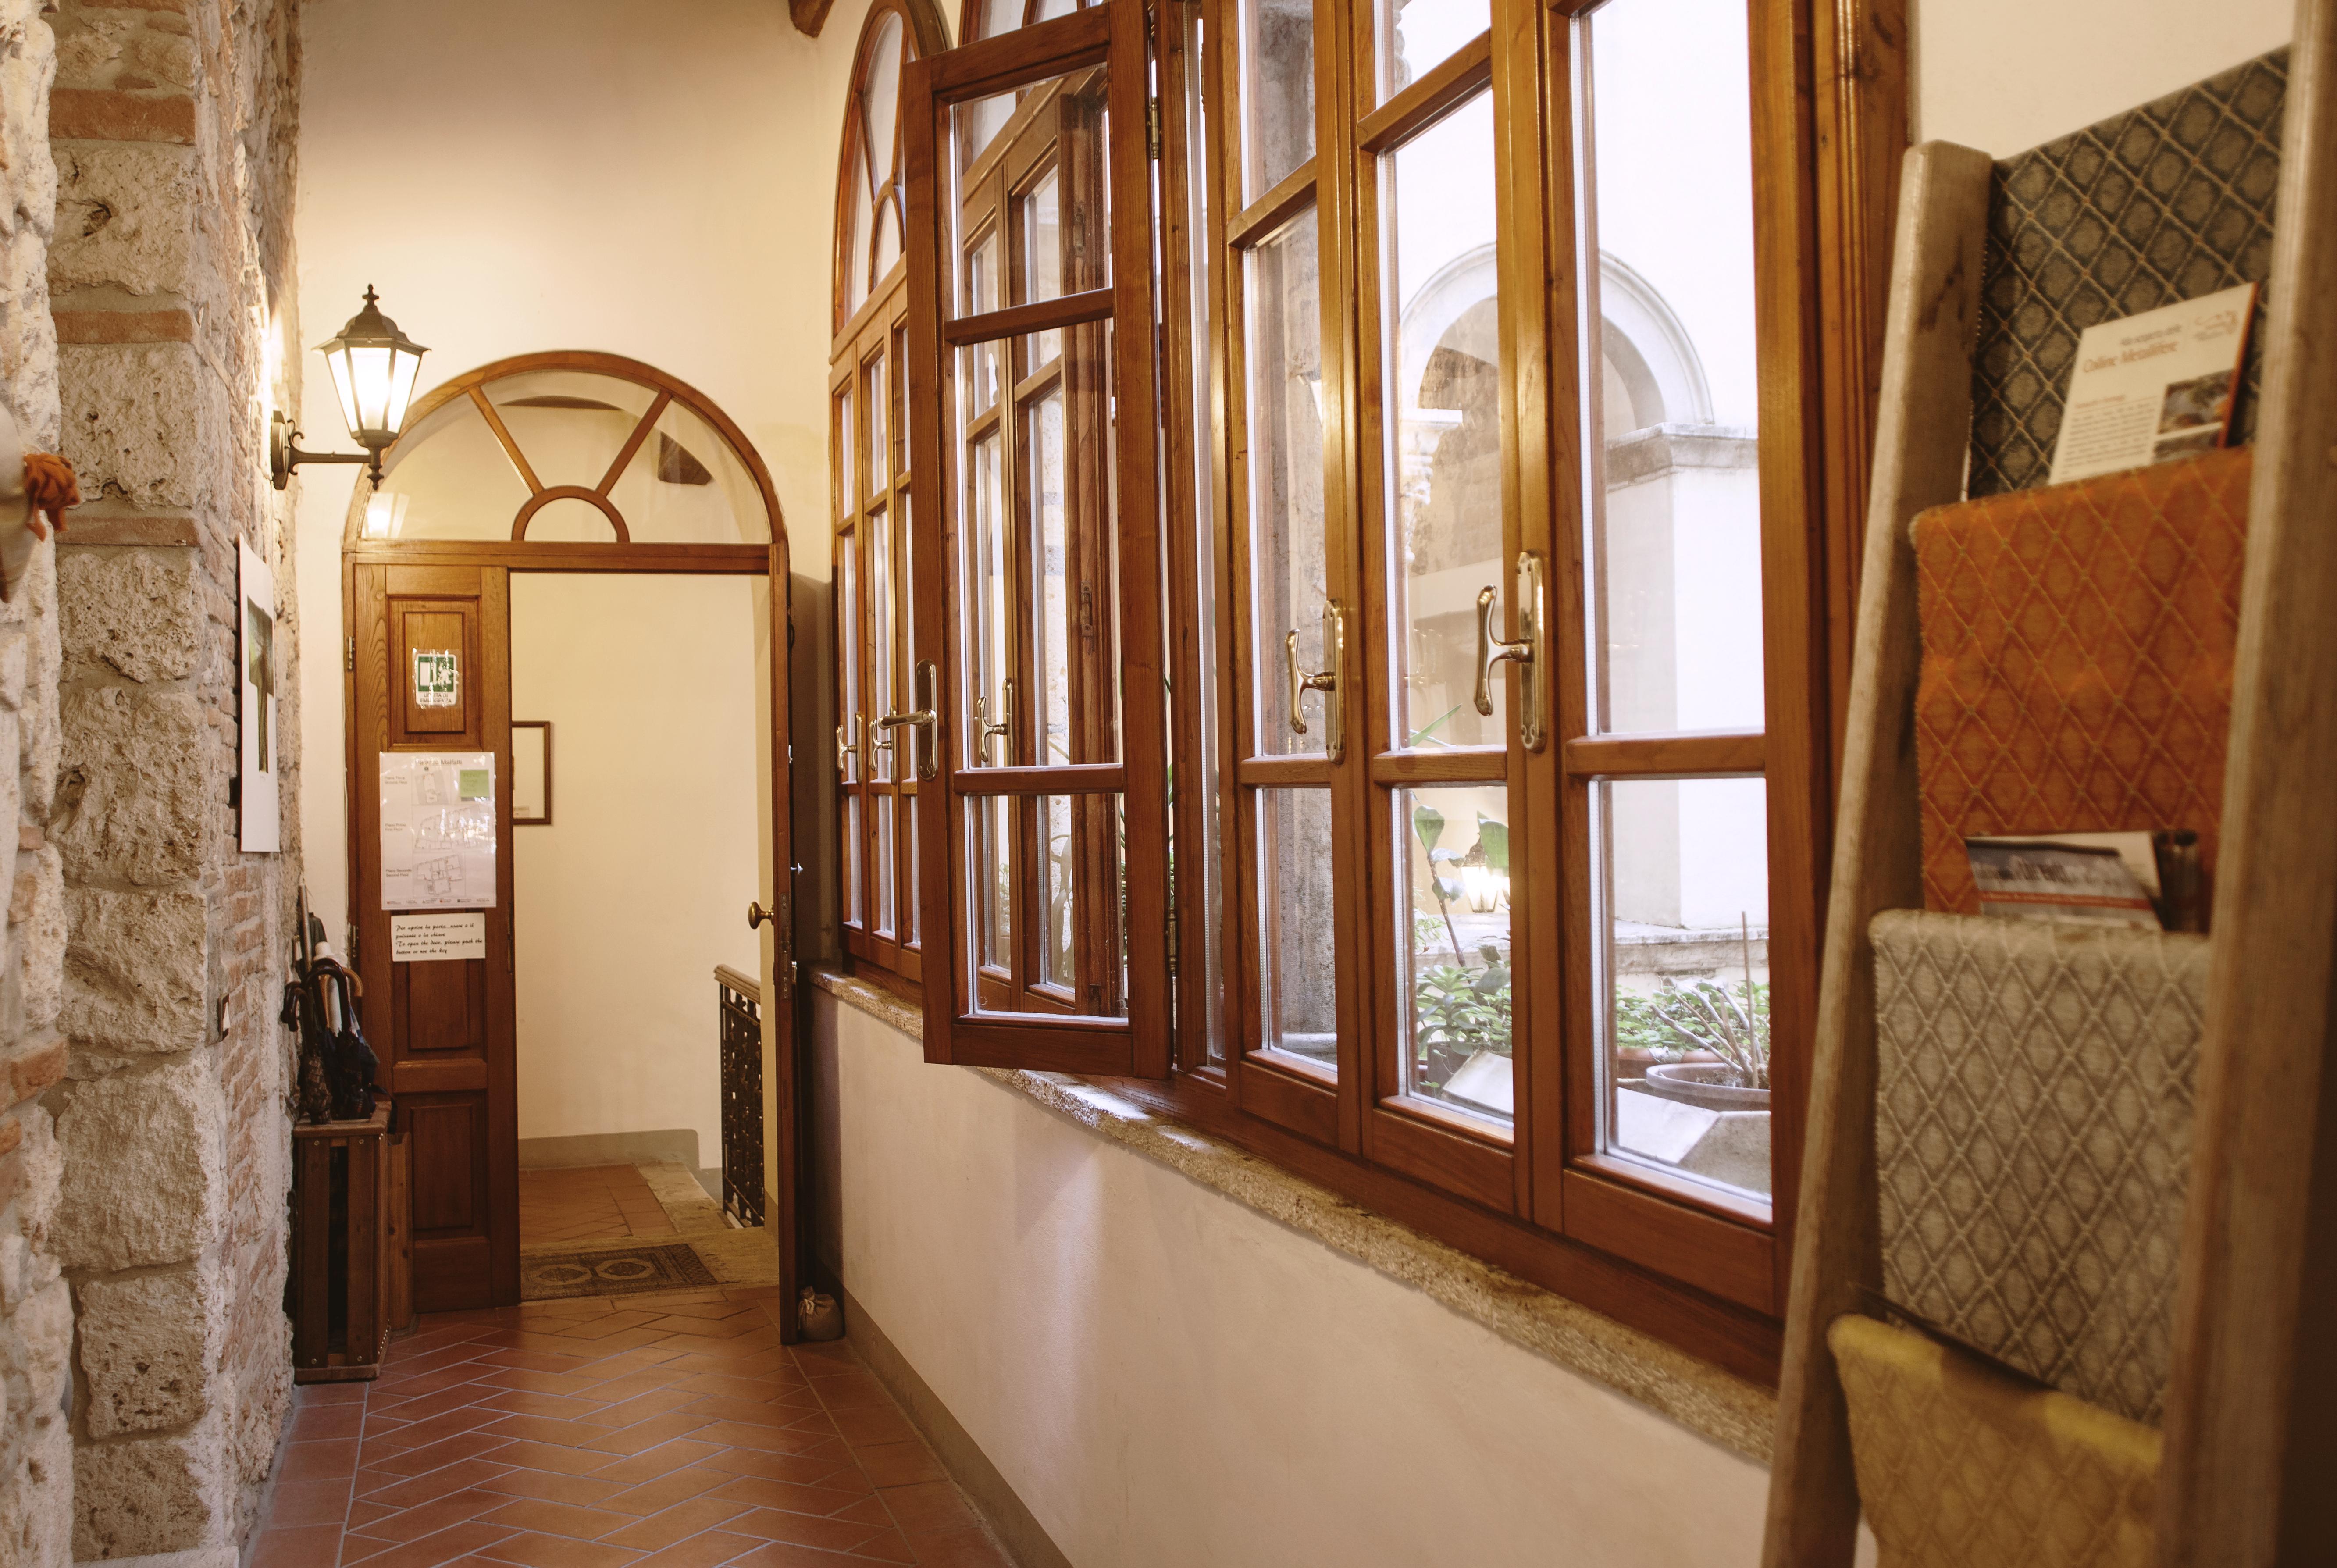 Ingresso agli alloggi di Palazzo Malfatti